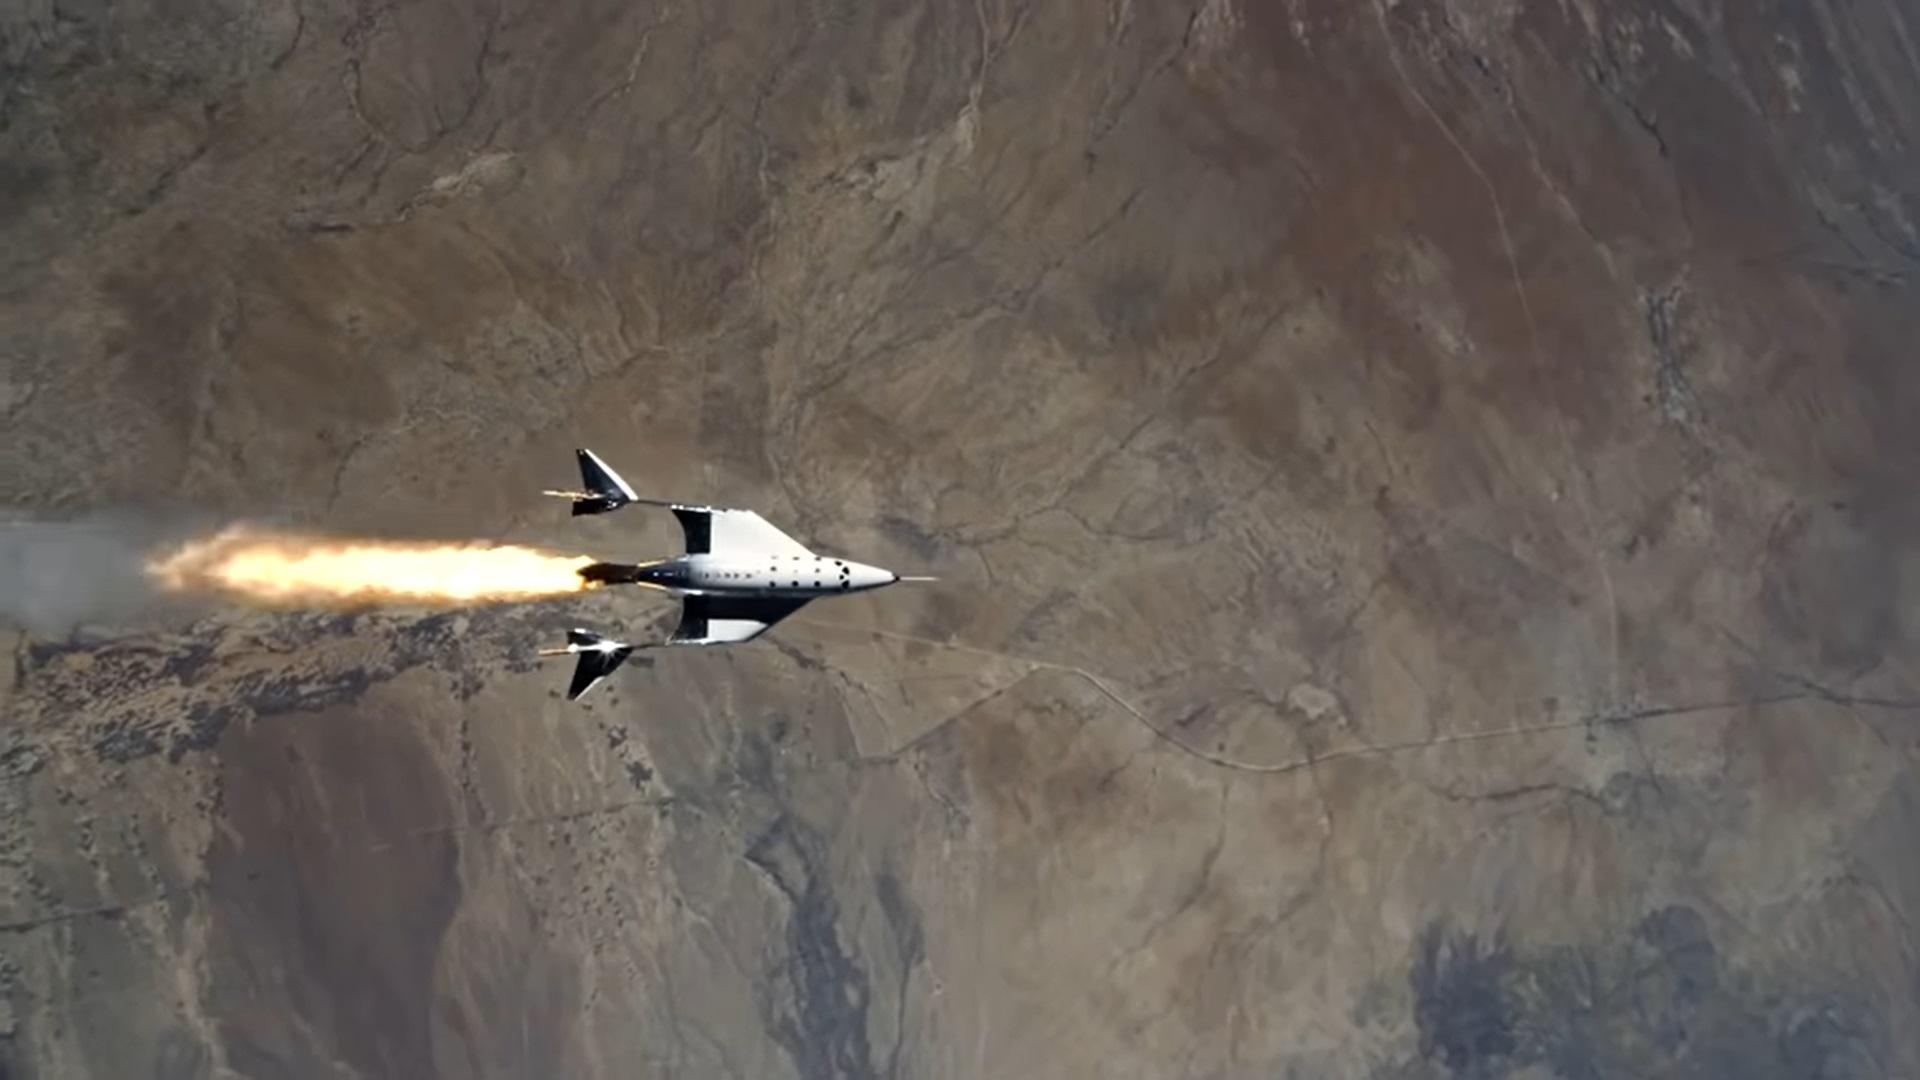 Сегодня состоится суборбитальный полет корабля Virgin Galactic Unity с Ричардом Брэнсоном на борту